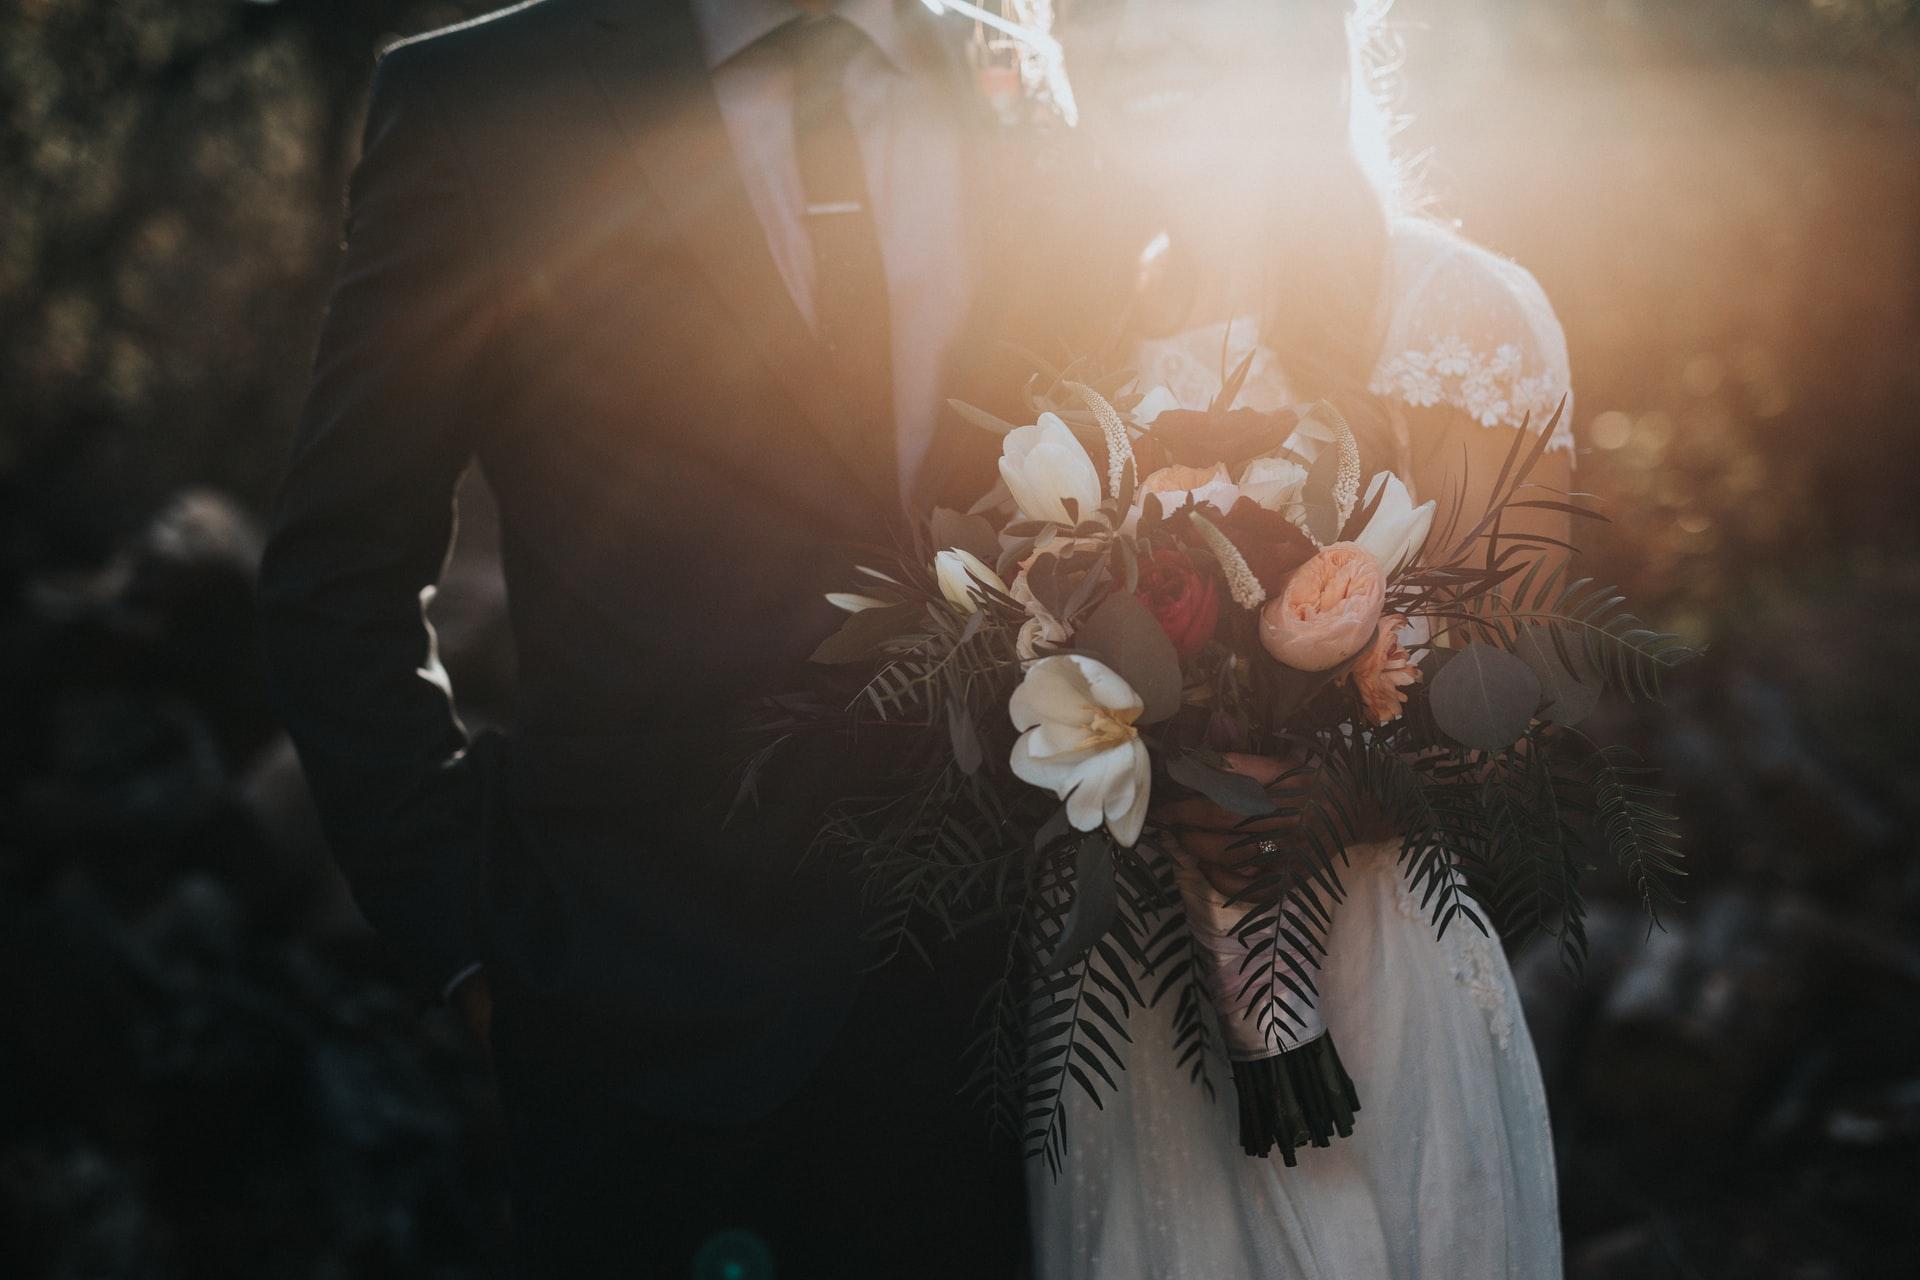 Медиа закрепляет идею о стремлении женщин выскочить замуж и поскорее